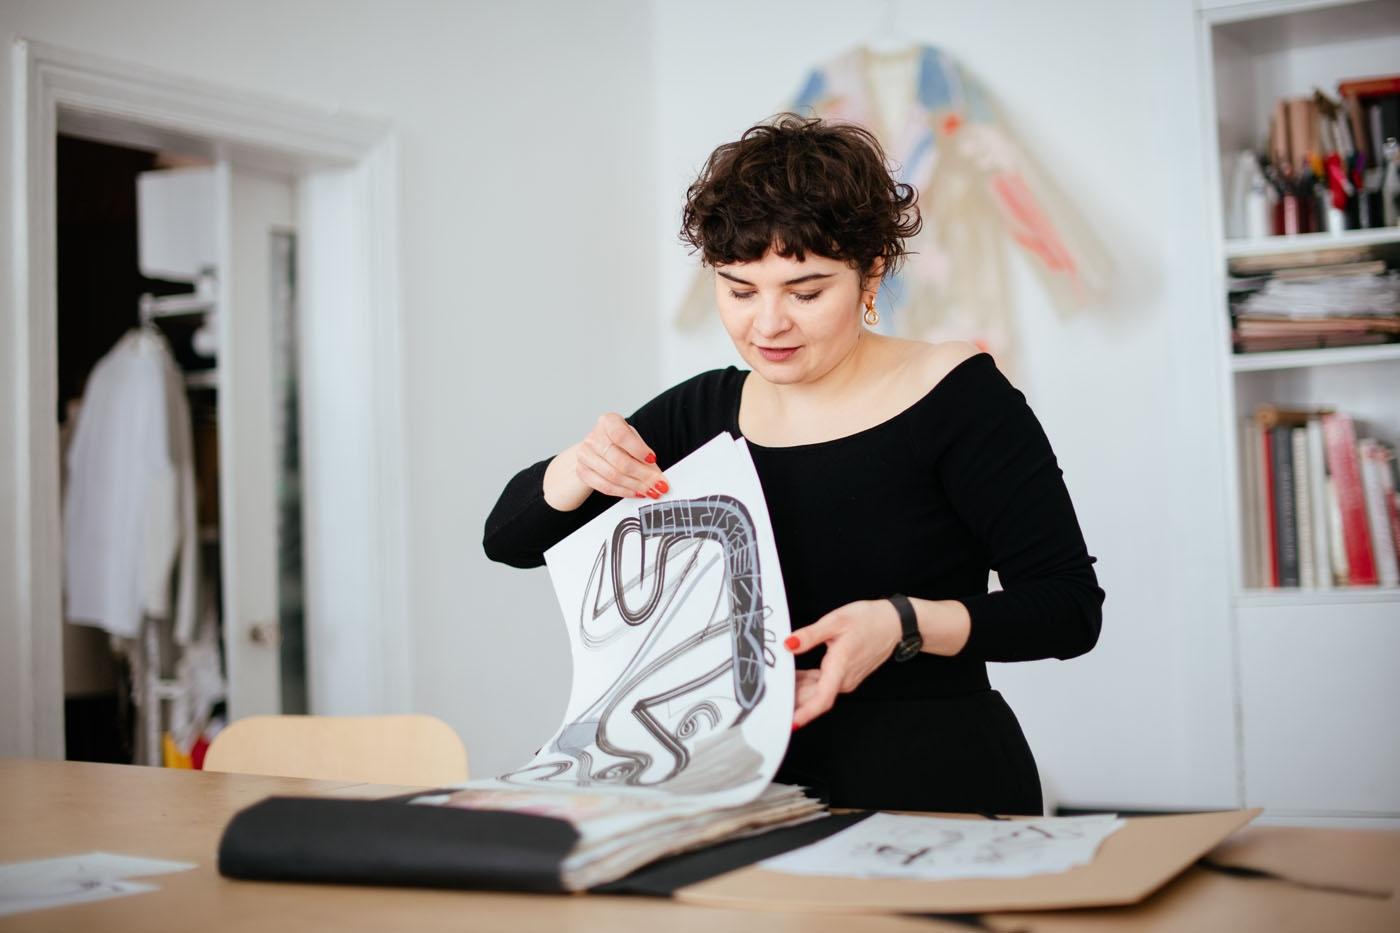 Инновационный арт-проект: украинский бренд BEVZA запускает NFT-инициативу - фото №2